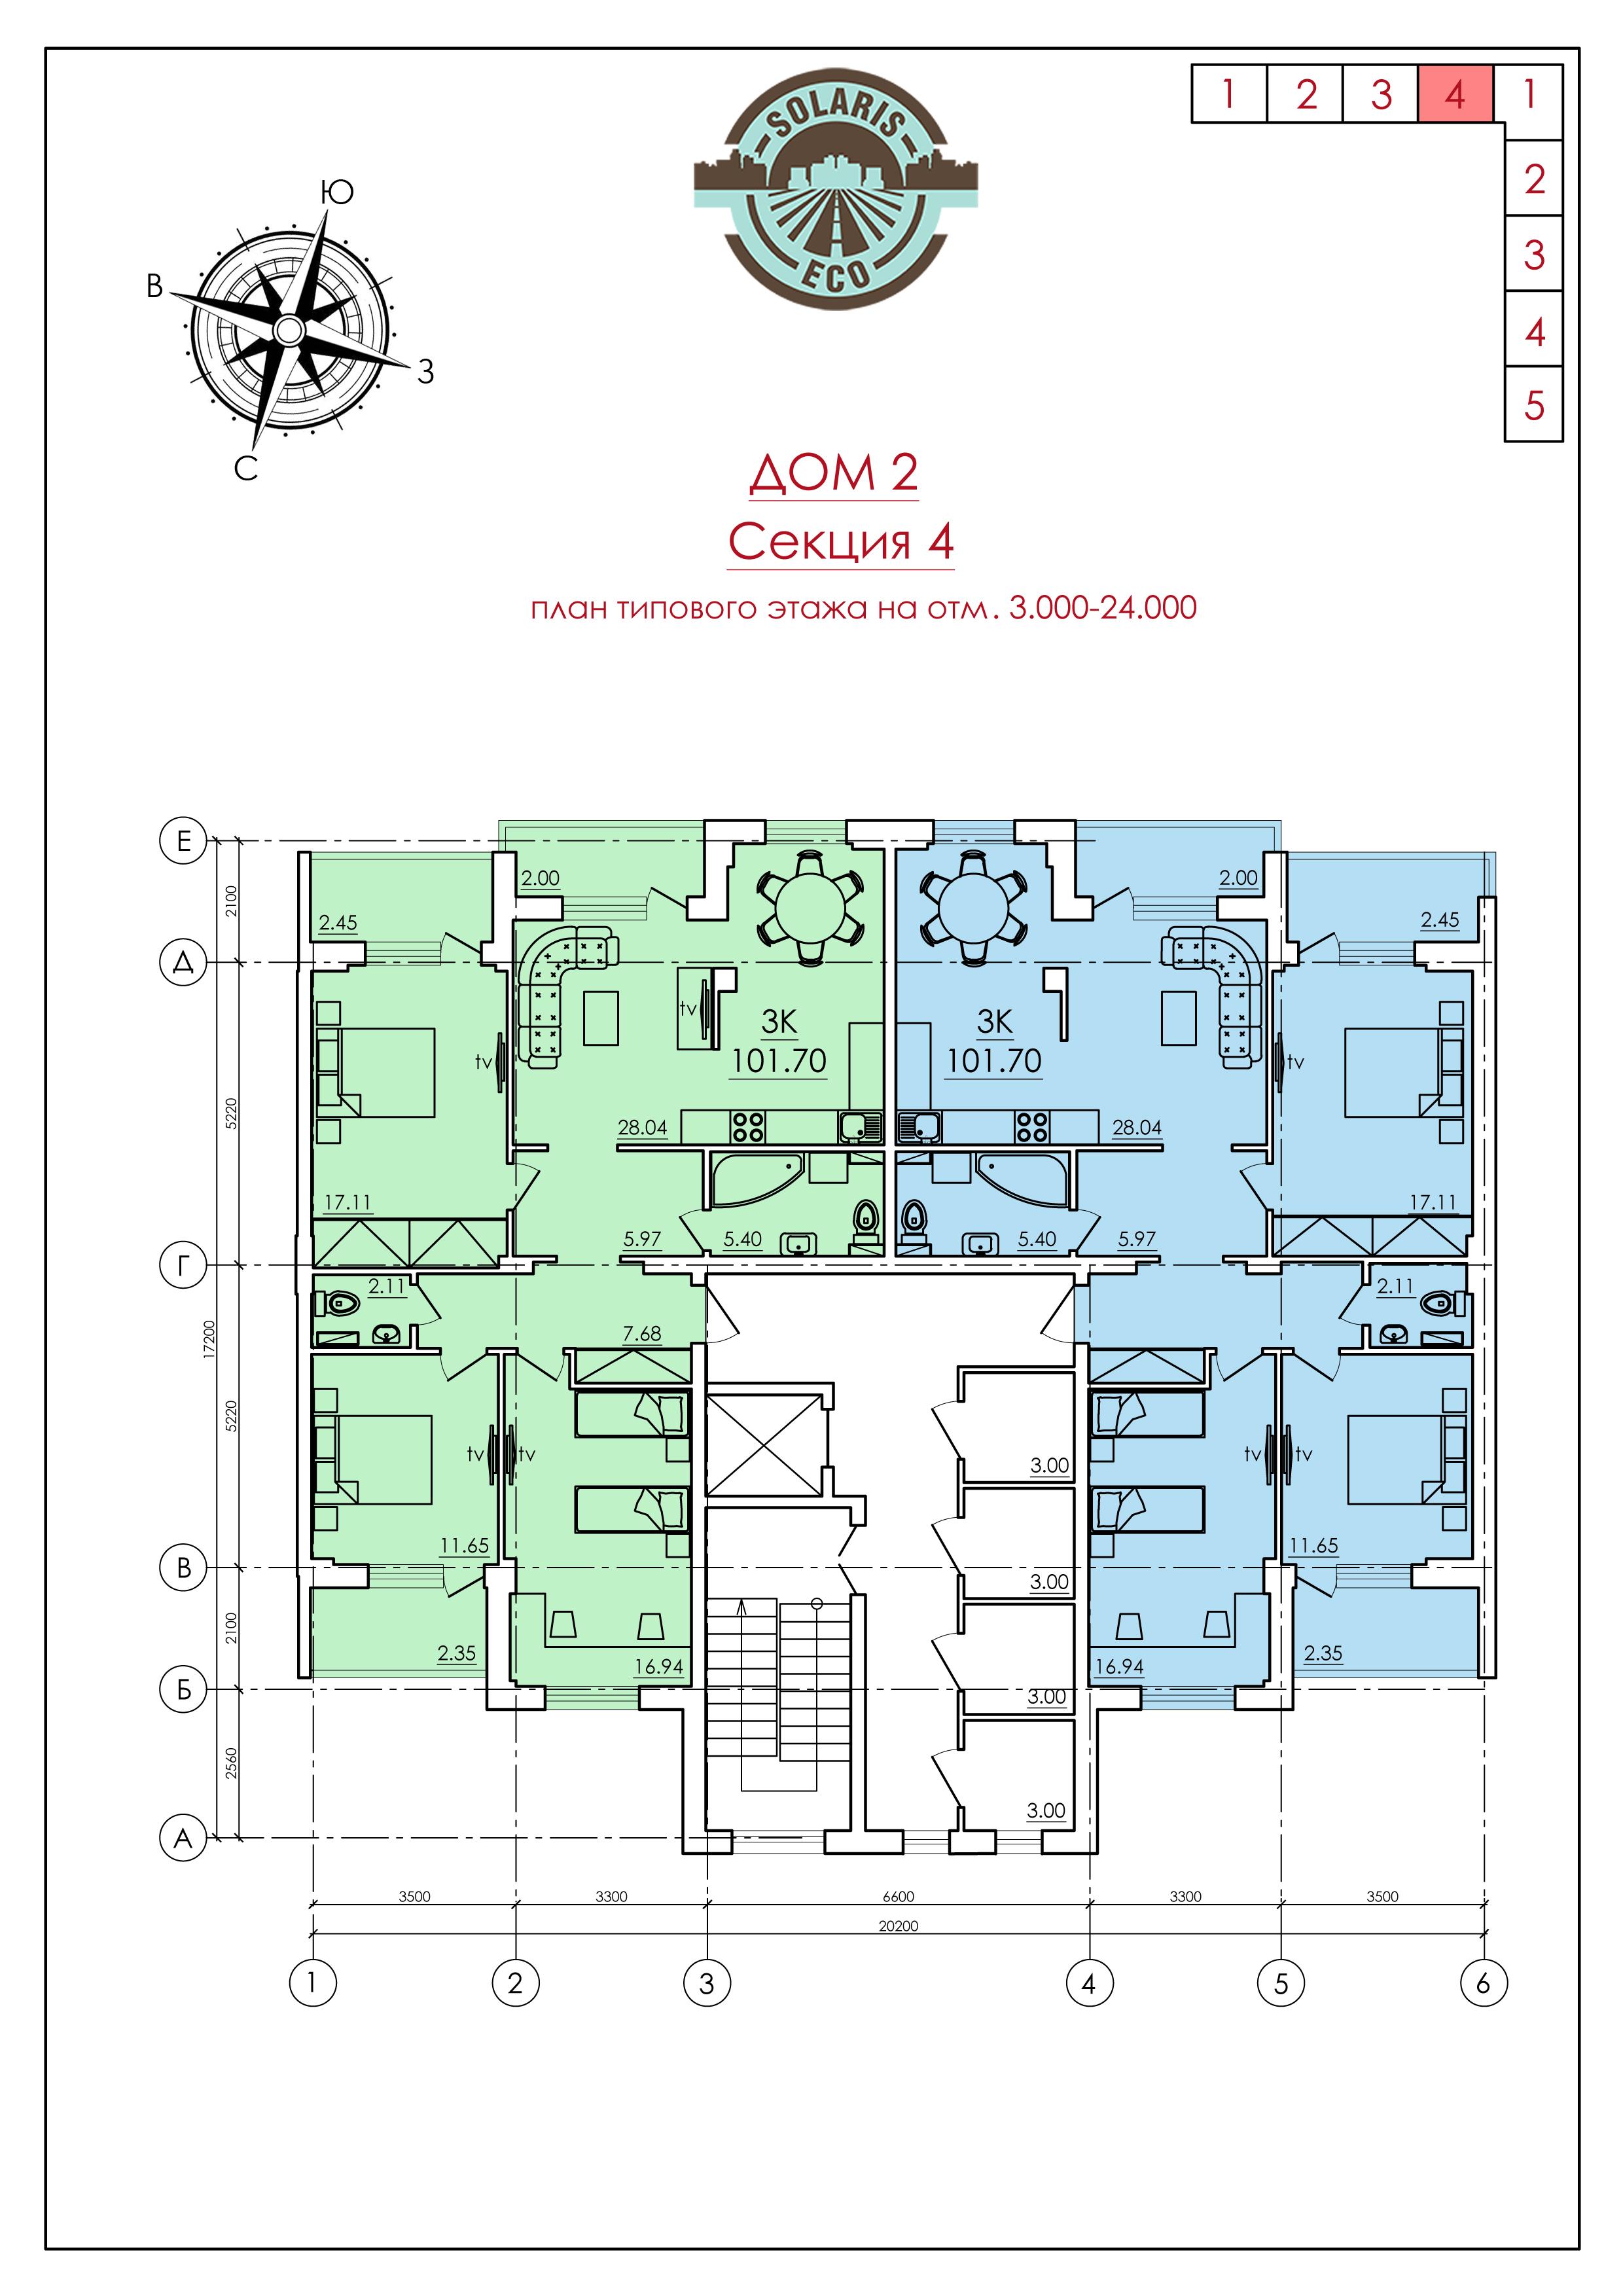 ЖК ECO Solaris (ЭКО Соларис ) / Дом №2 / 4 секция / План типового этажа